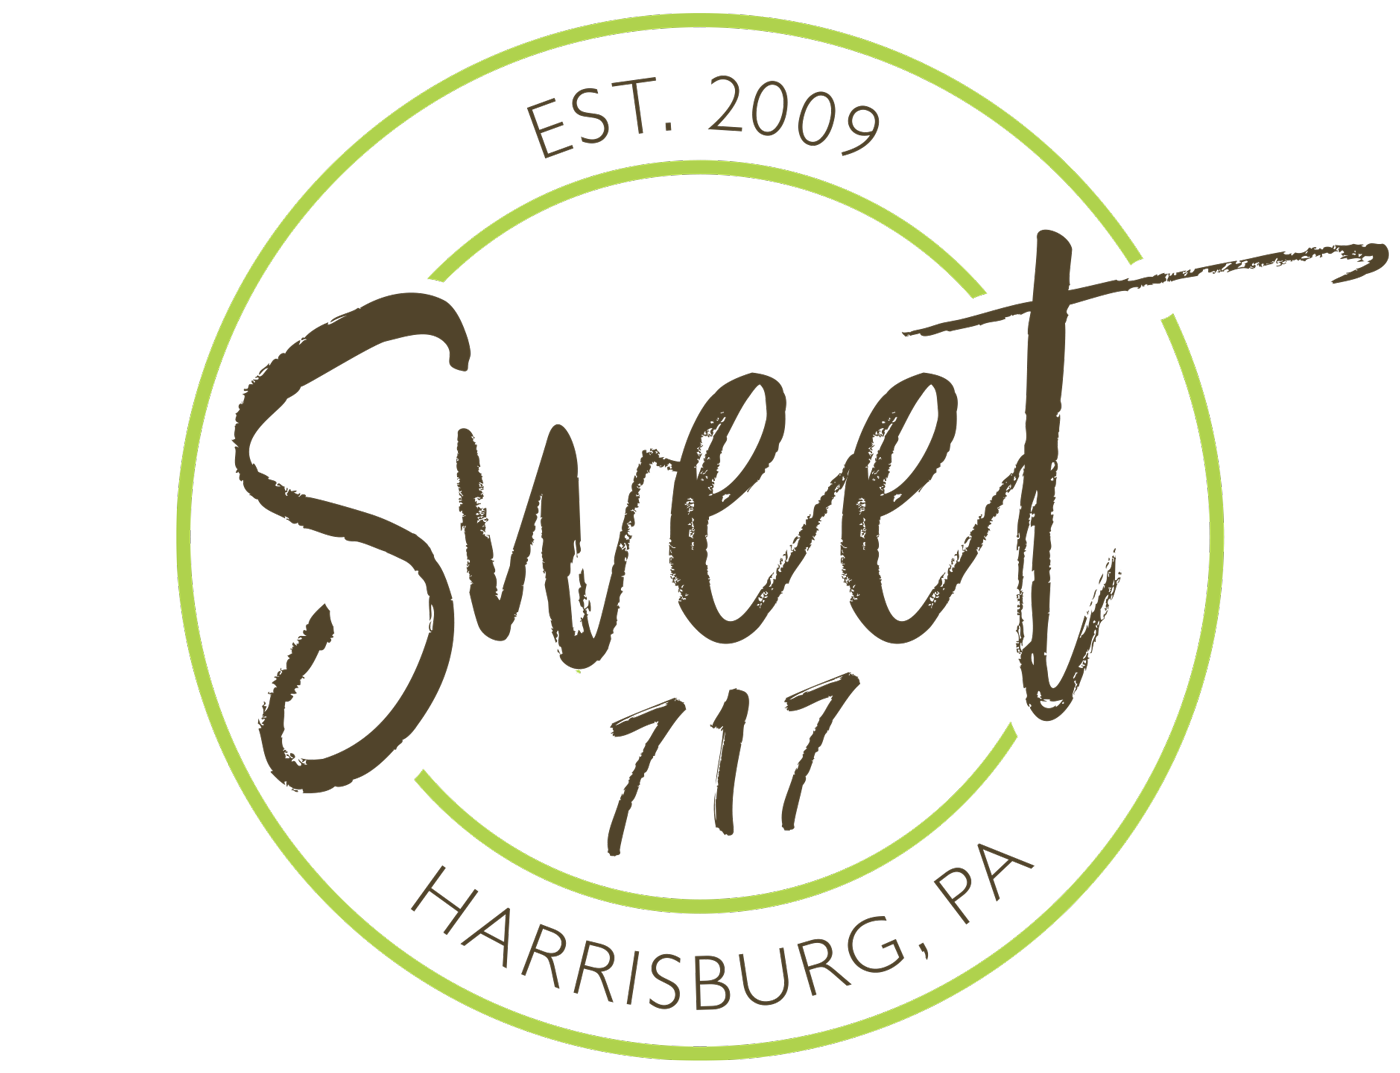 sweet717-logo.png